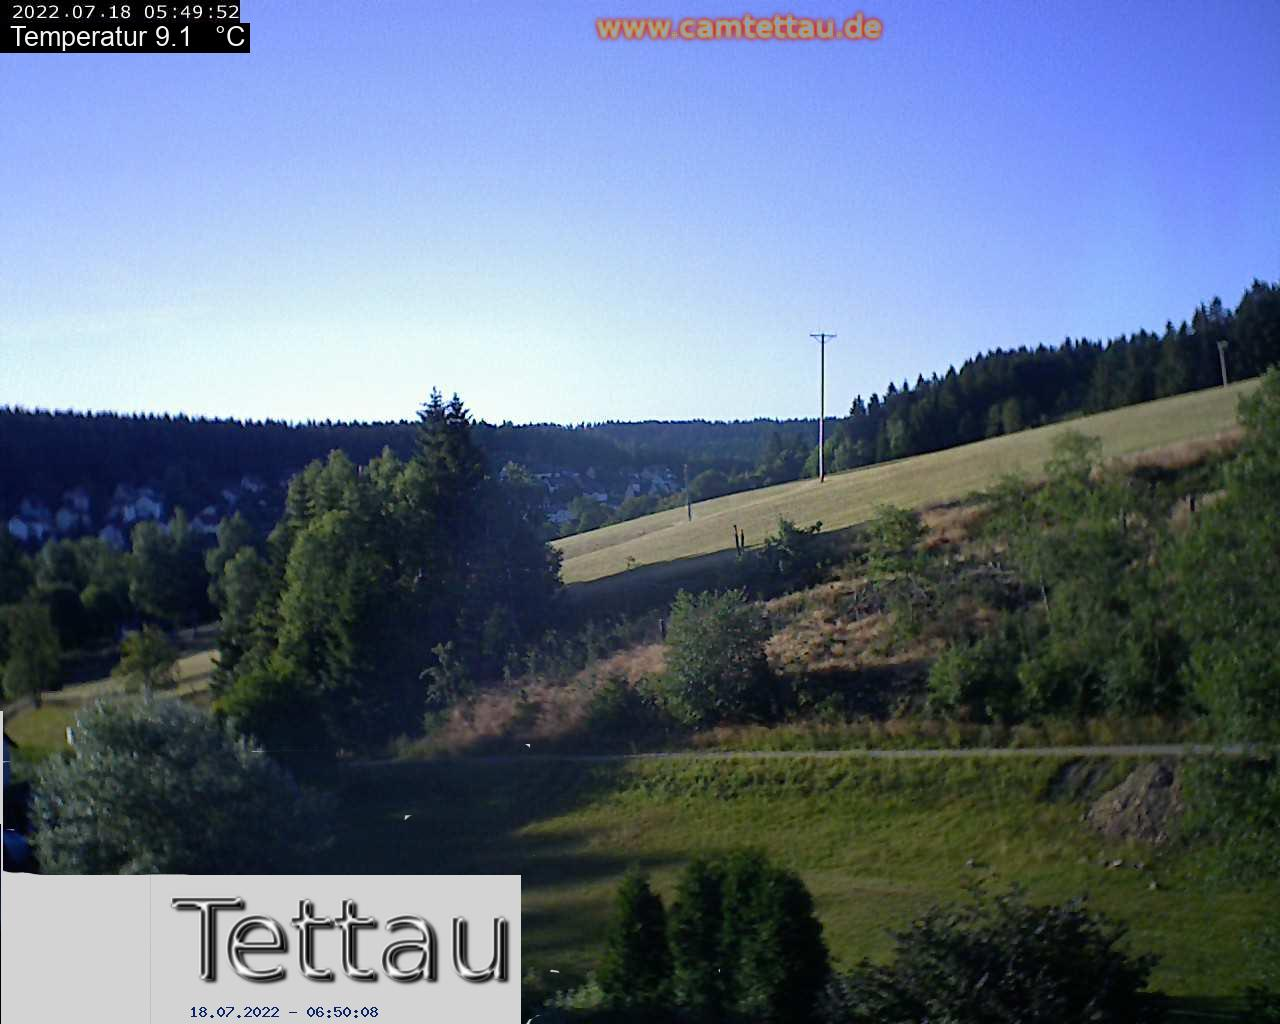 Tettau (Bavaria) Tue. 06:55